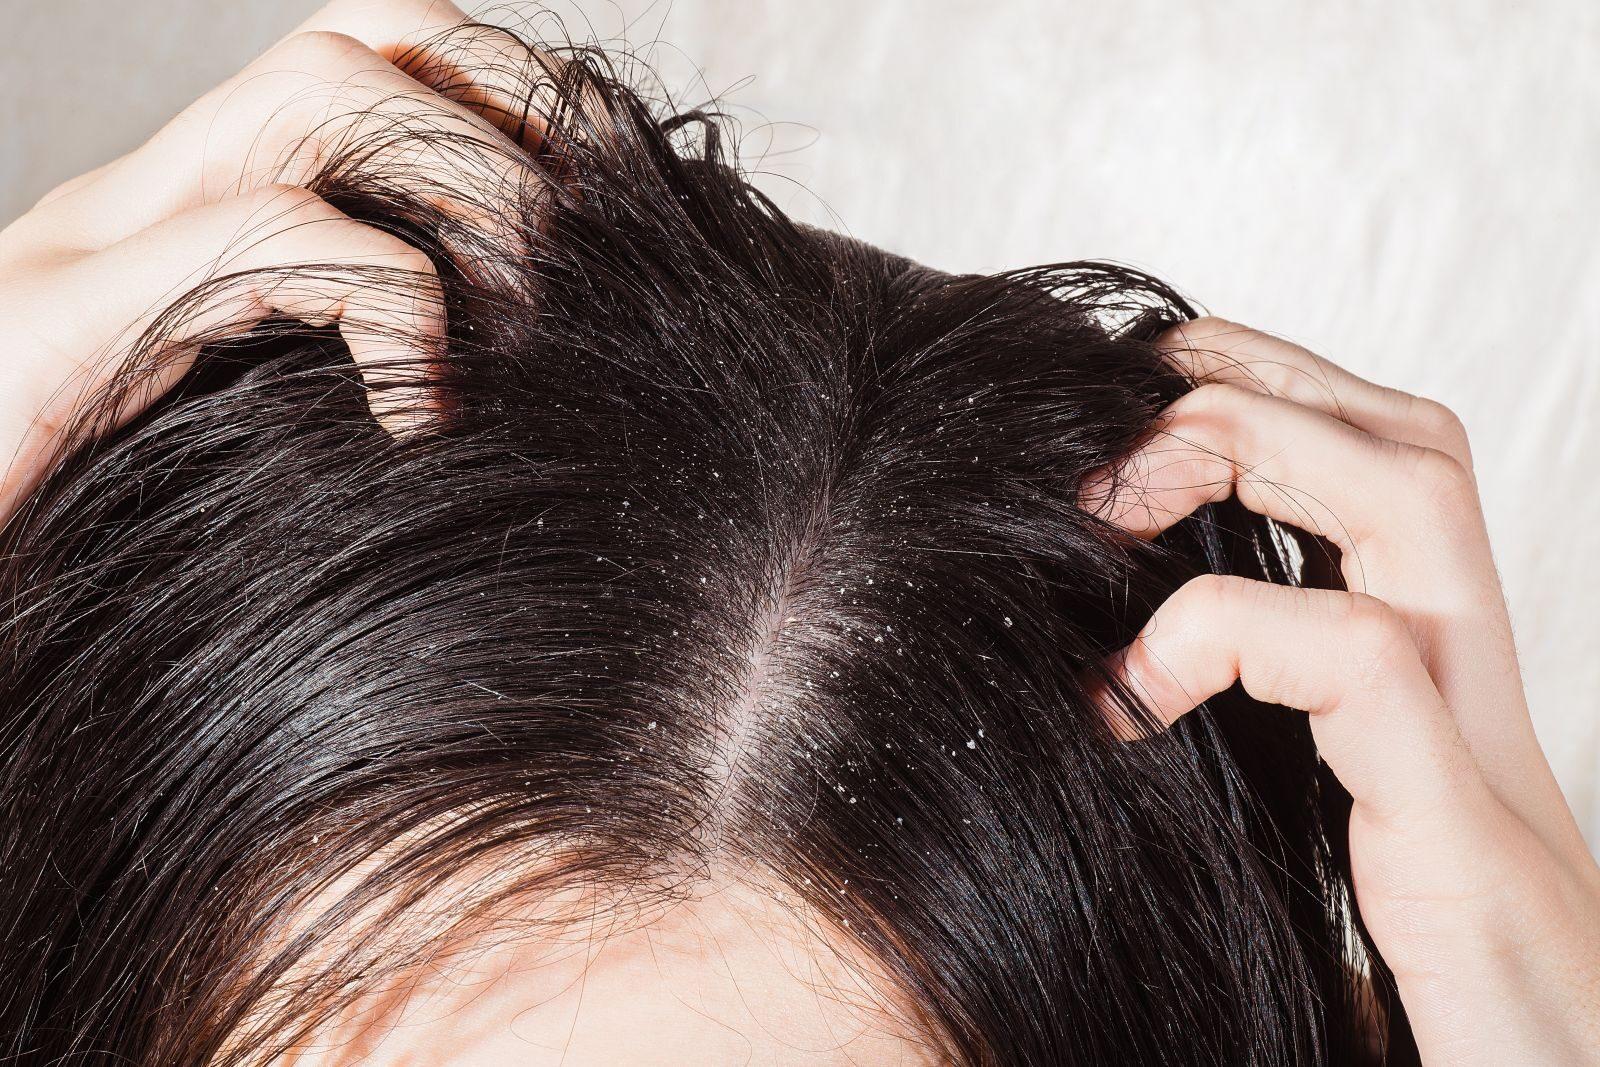 vörös folt a haj alatti bőrön)